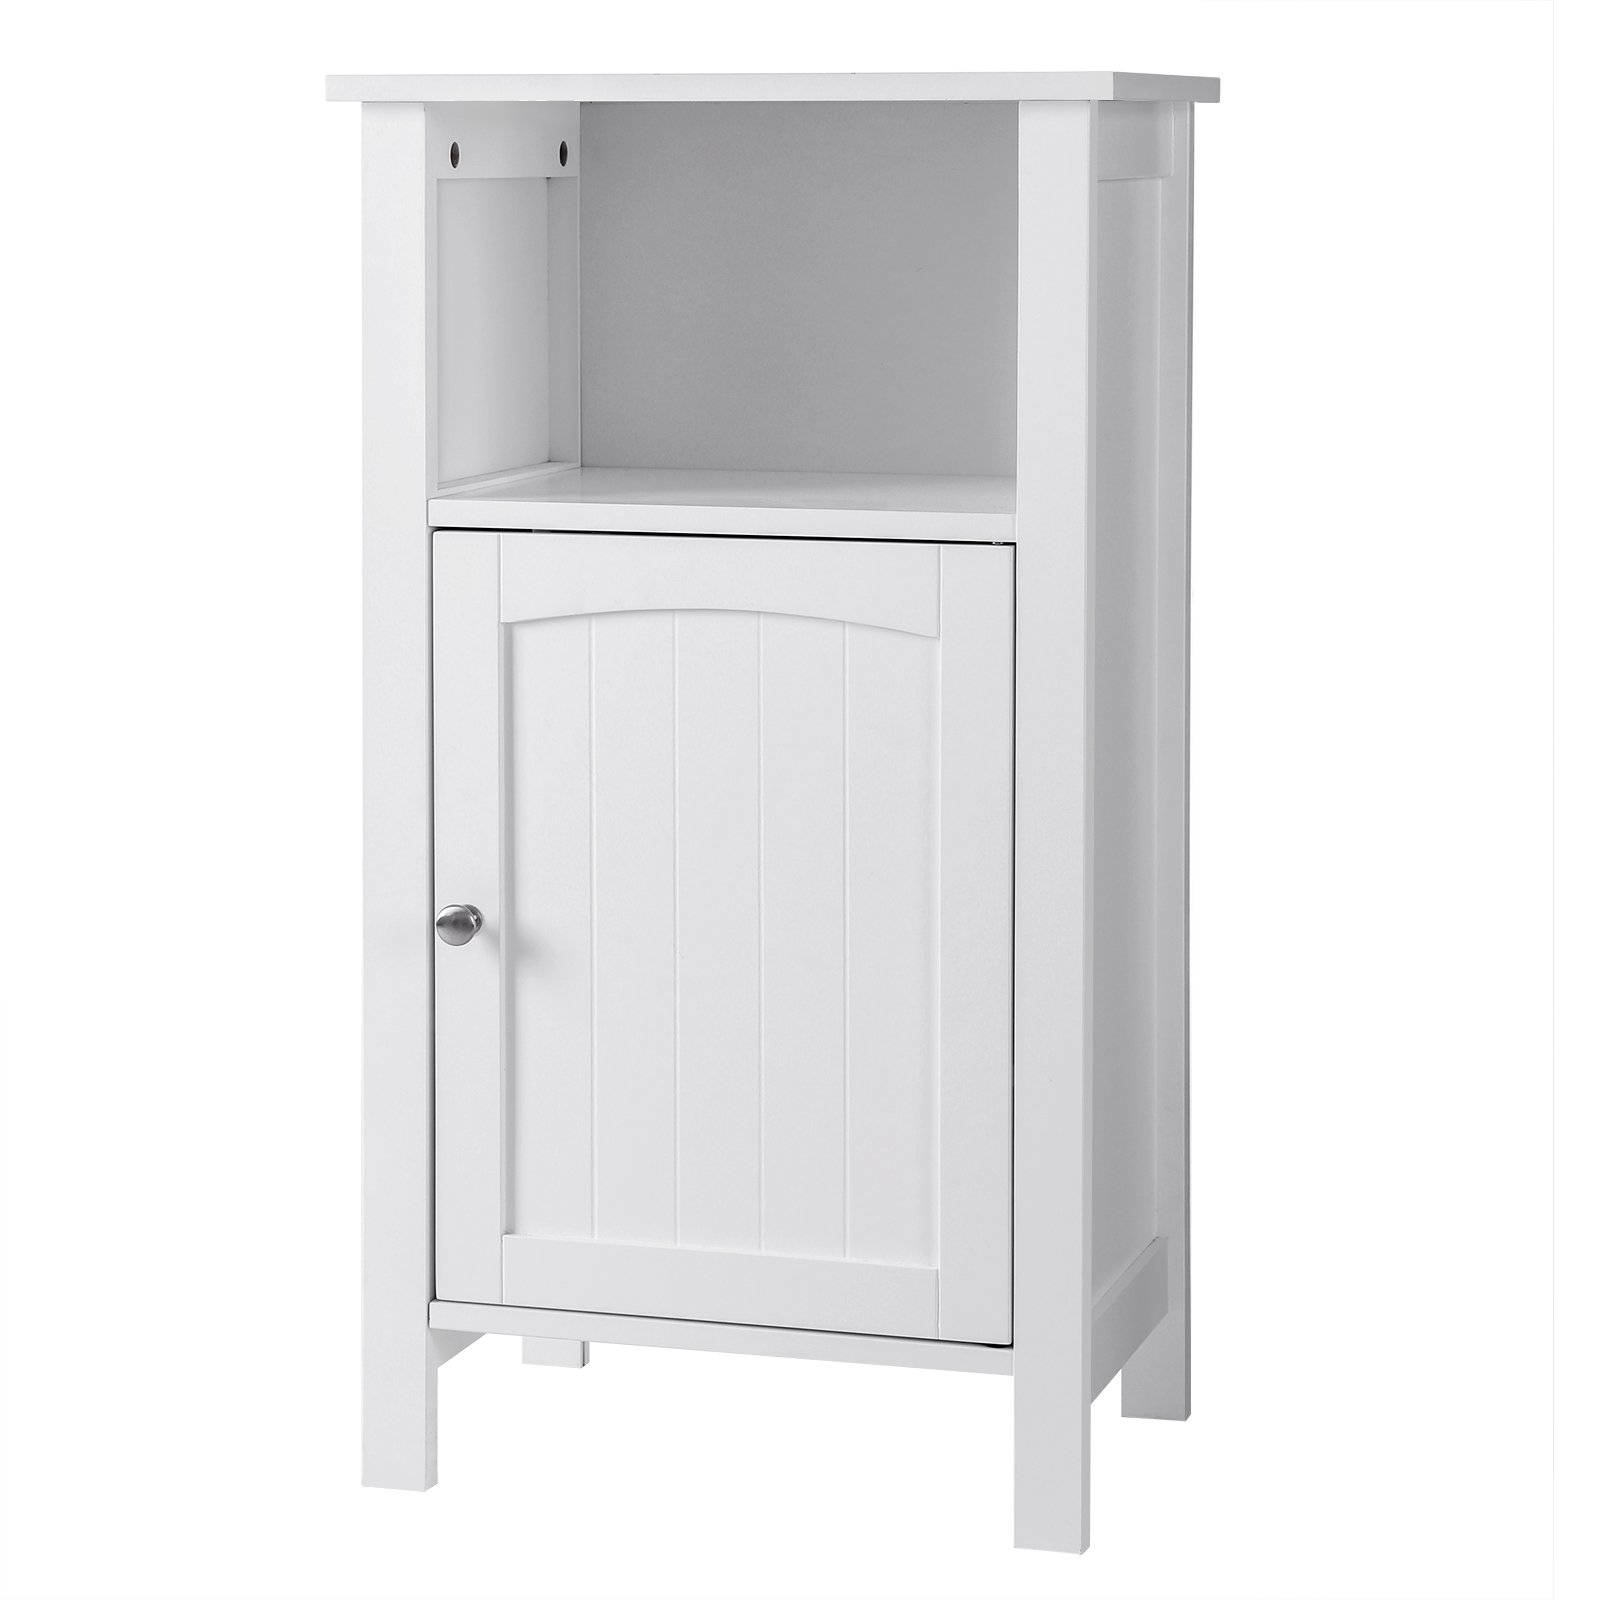 SONGMICS Bathroom Floor Storage Cabinet with Single Door Adjustable ...